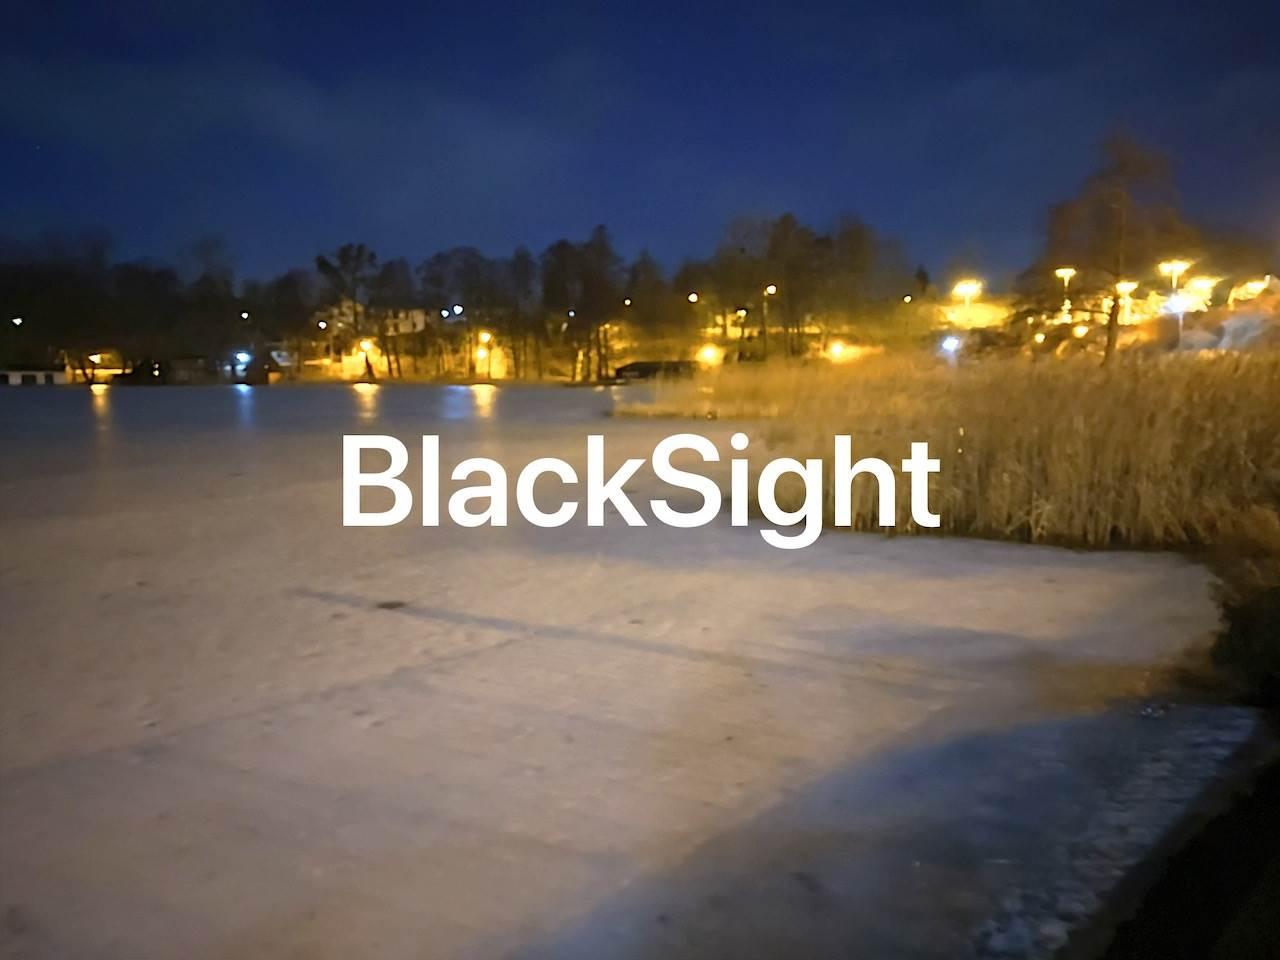 Jak robić zdjęcia w trybie nocnym na dowolnym iPhone polecane, ciekawostki zdjęcia w trybie nocnym, zdjecia nocne na starszym iPhone, tryb nocny na starym iPhone, tryb nocny na starszym iPhone, tryb nocny, stary iPhone, starszy iPhone  Jedną z przydatnych funkcji aparatu w iOS jest tryb fotografowania nocnego, który pozwala uzyskać całkiem niezłe ujęcia w słabym świetle. blacksight 1